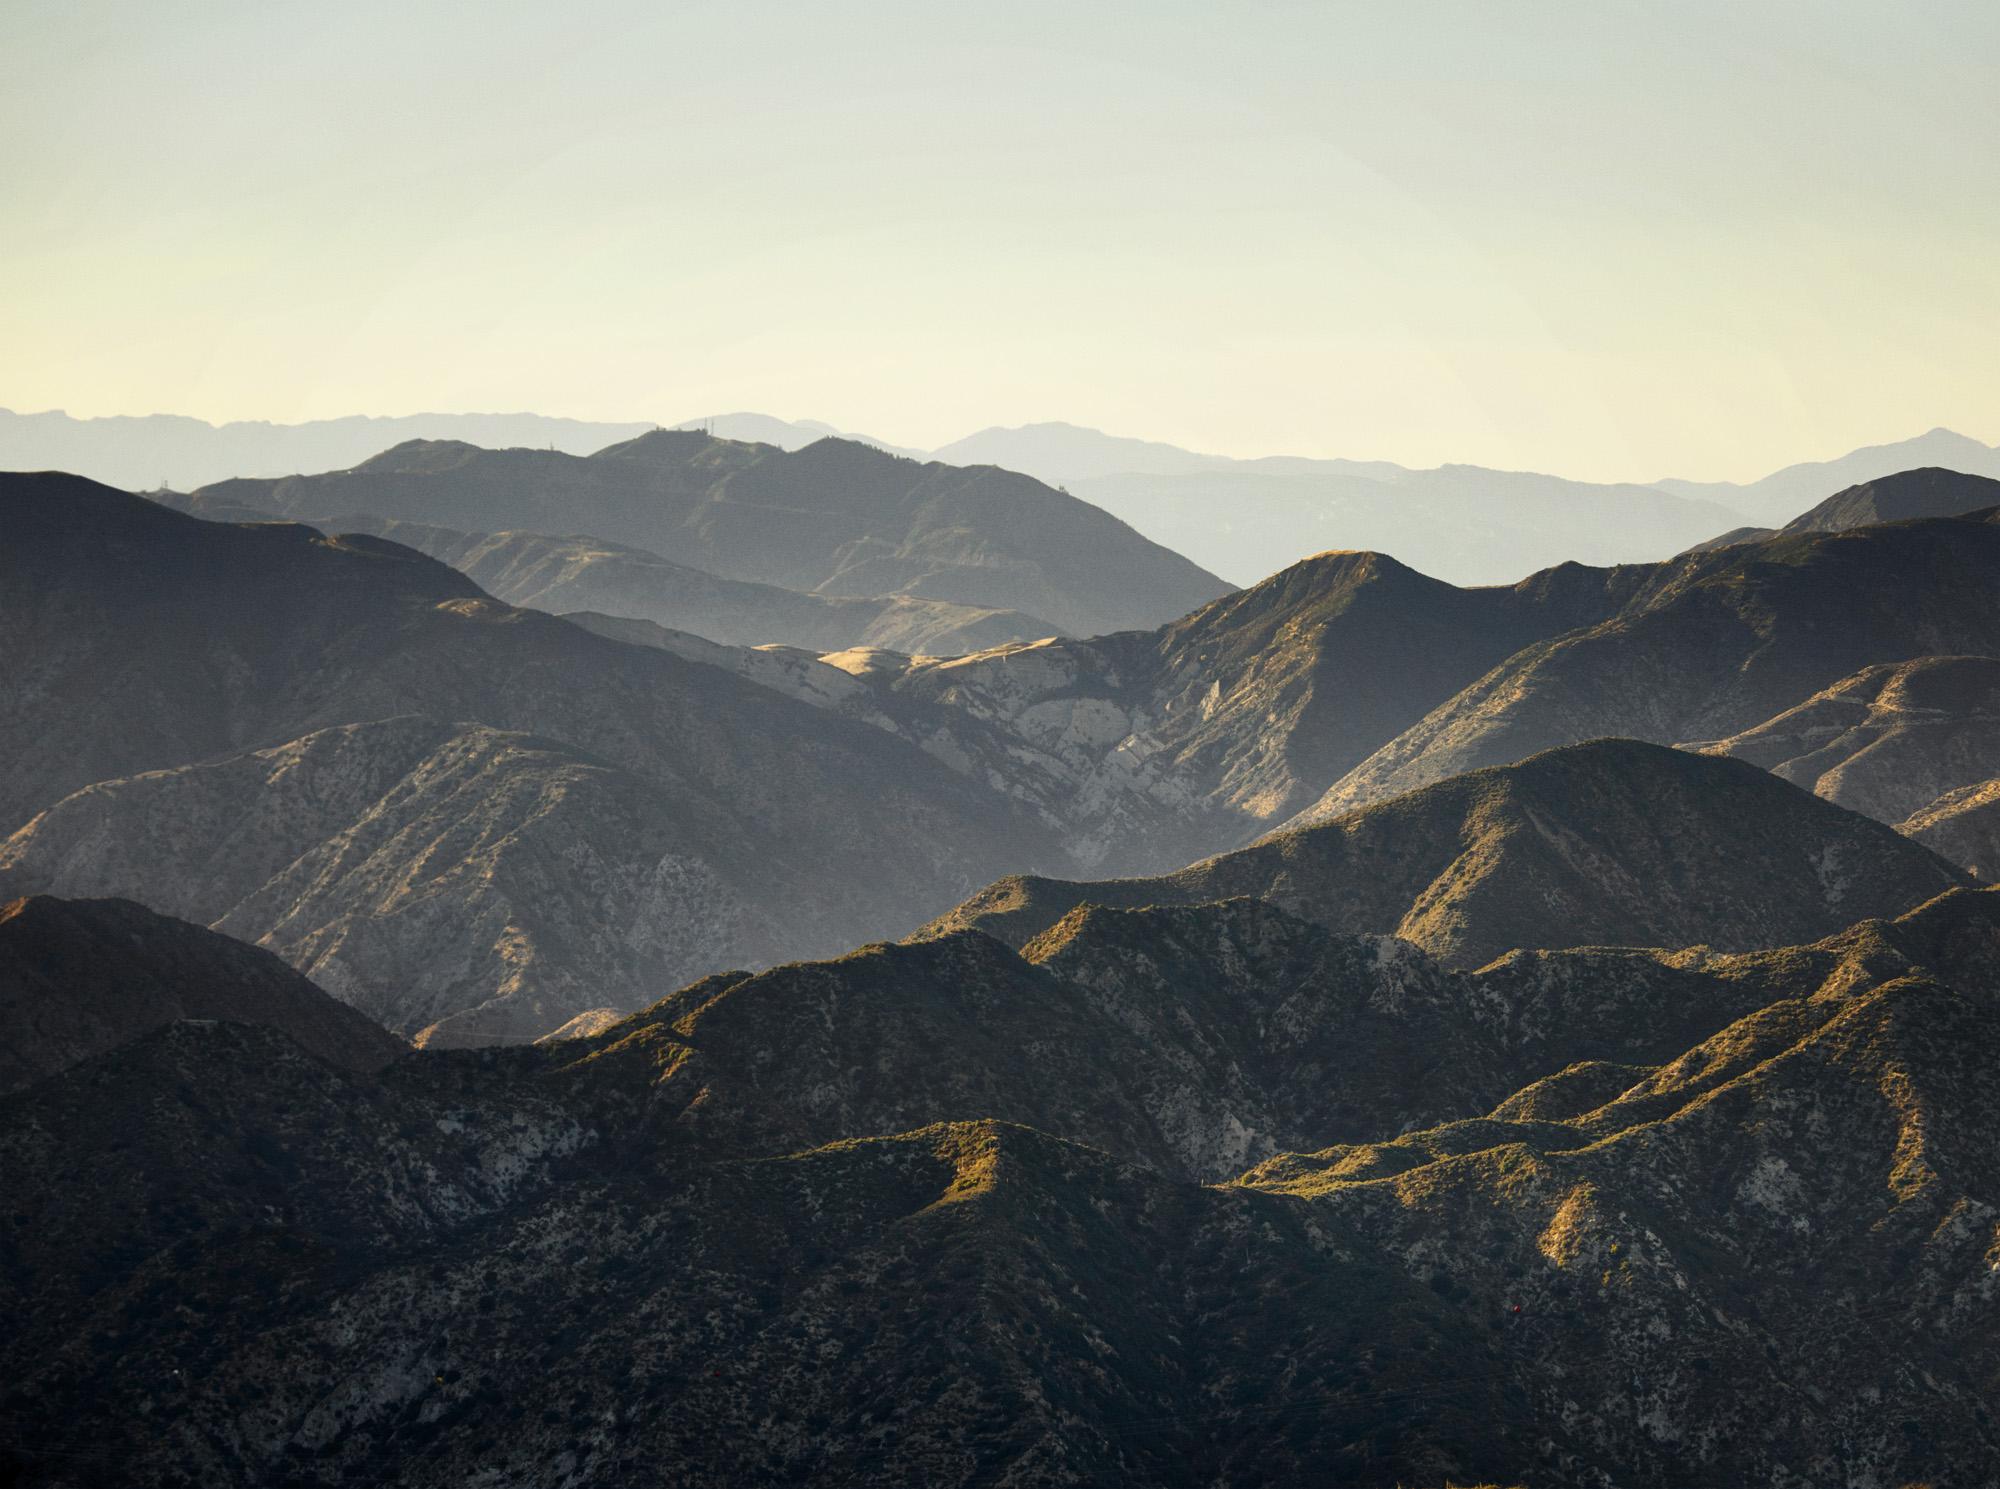 San Gabriel Mountains, California